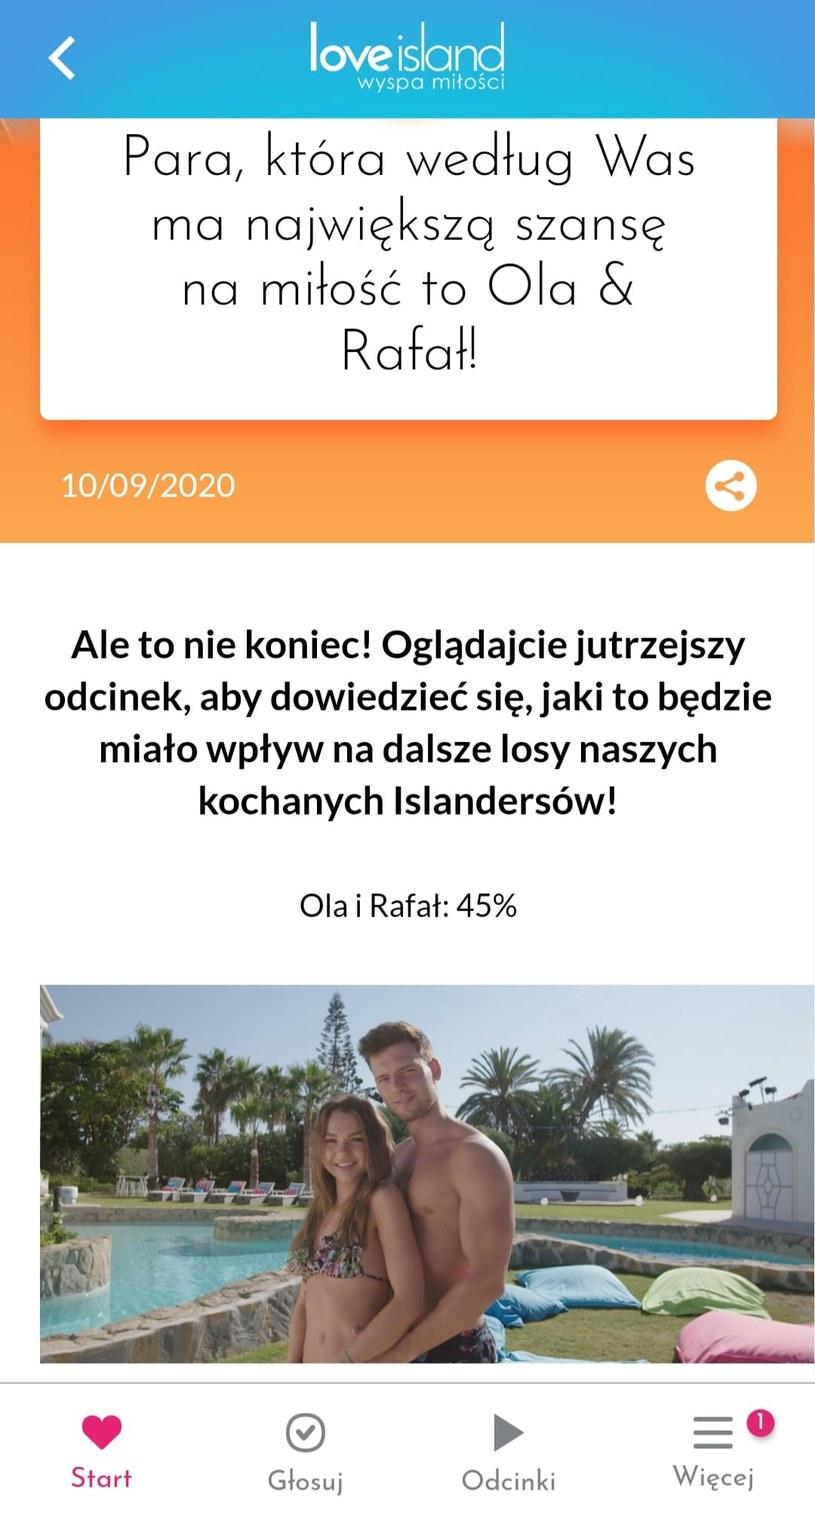 """W głosowaniu w aplikacji """"Wyspa miłości"""" na parę, która ma największą szansę na miłość wygrała Ola i Rafał /Polsat /Polsat"""